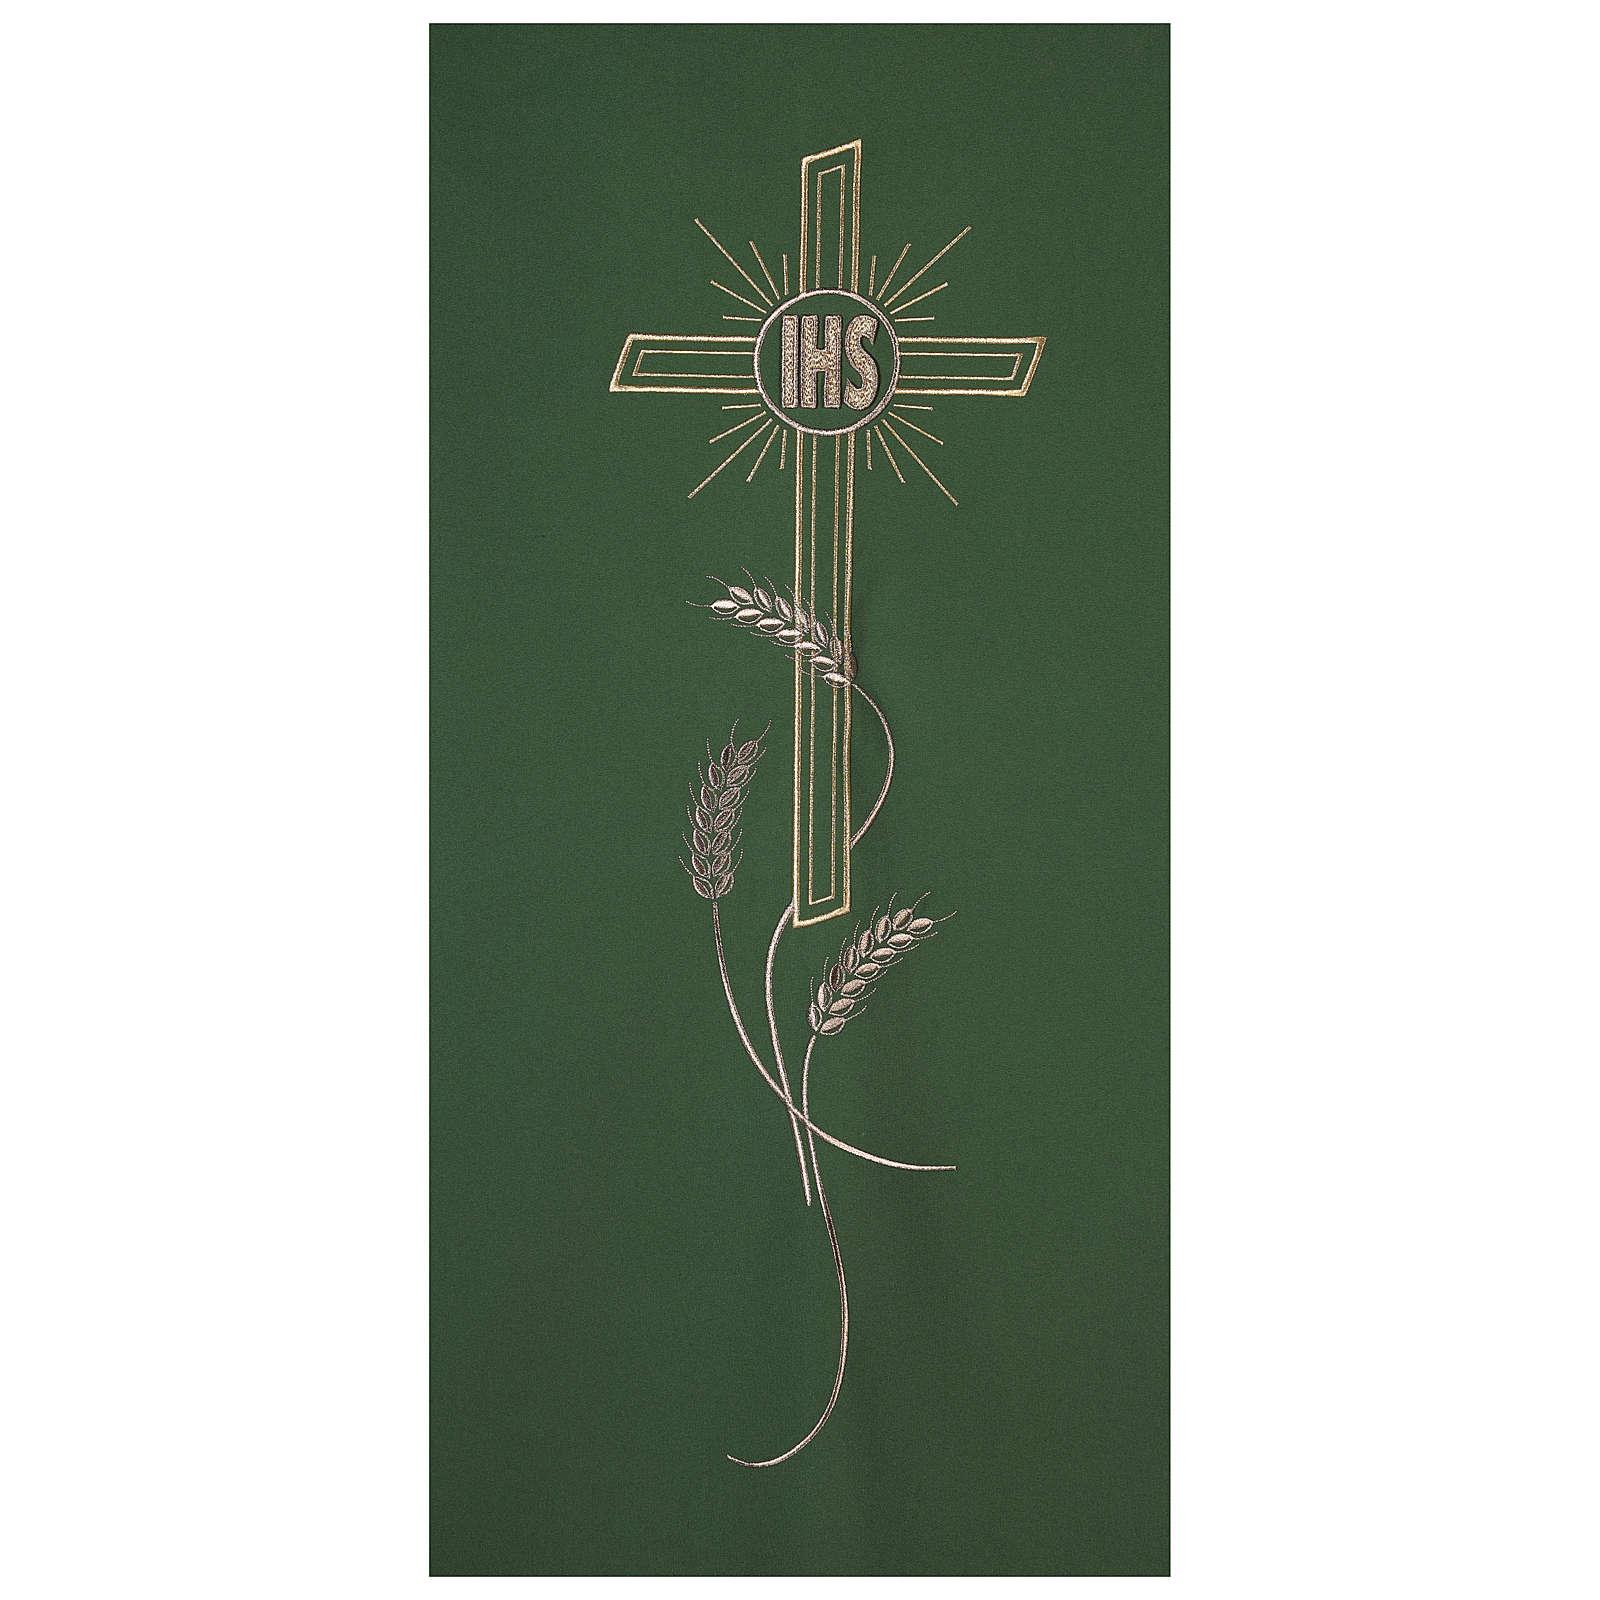 Coprileggio ricamo IHS croce e spighe 4